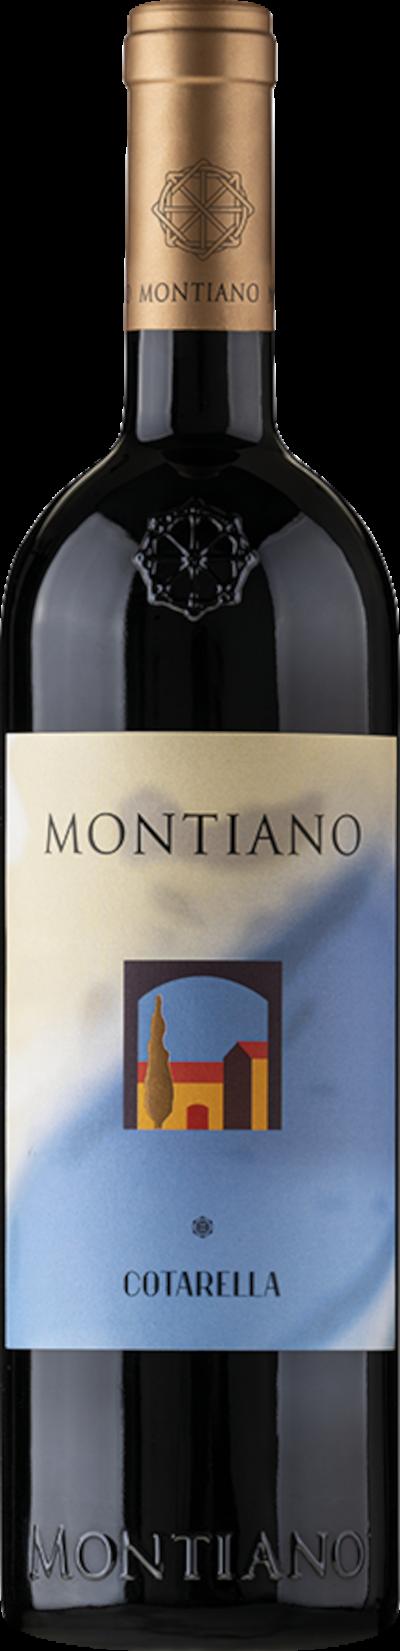 Cotarella - Montiano Lazio IGP